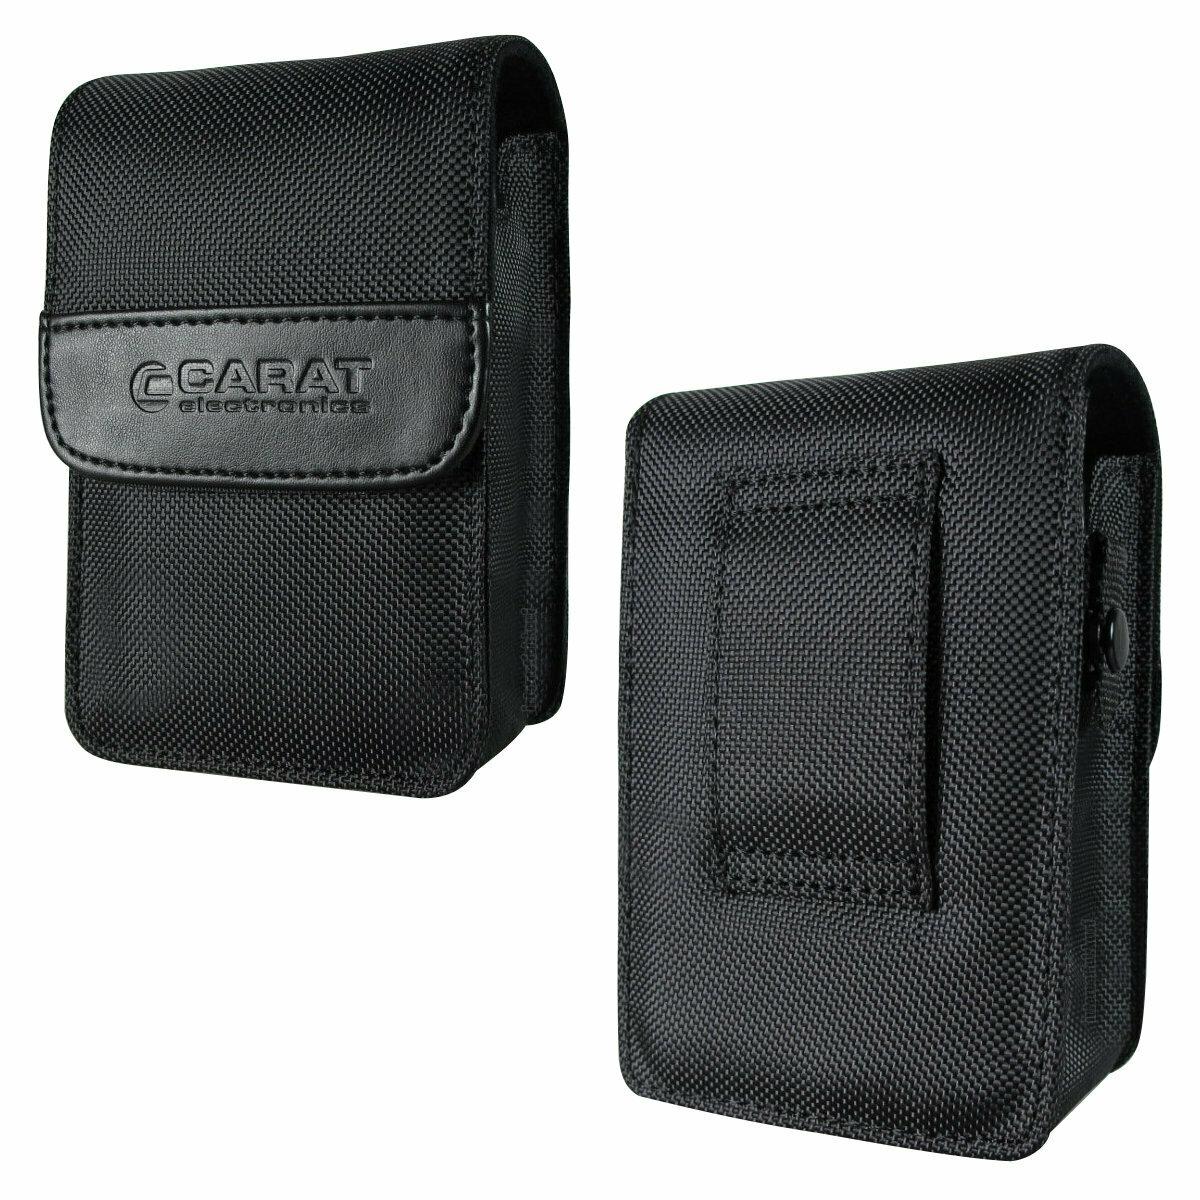 Kameratasche passend für Canon PowerShot G5X Mark II - Kamera-Etui Fototasche